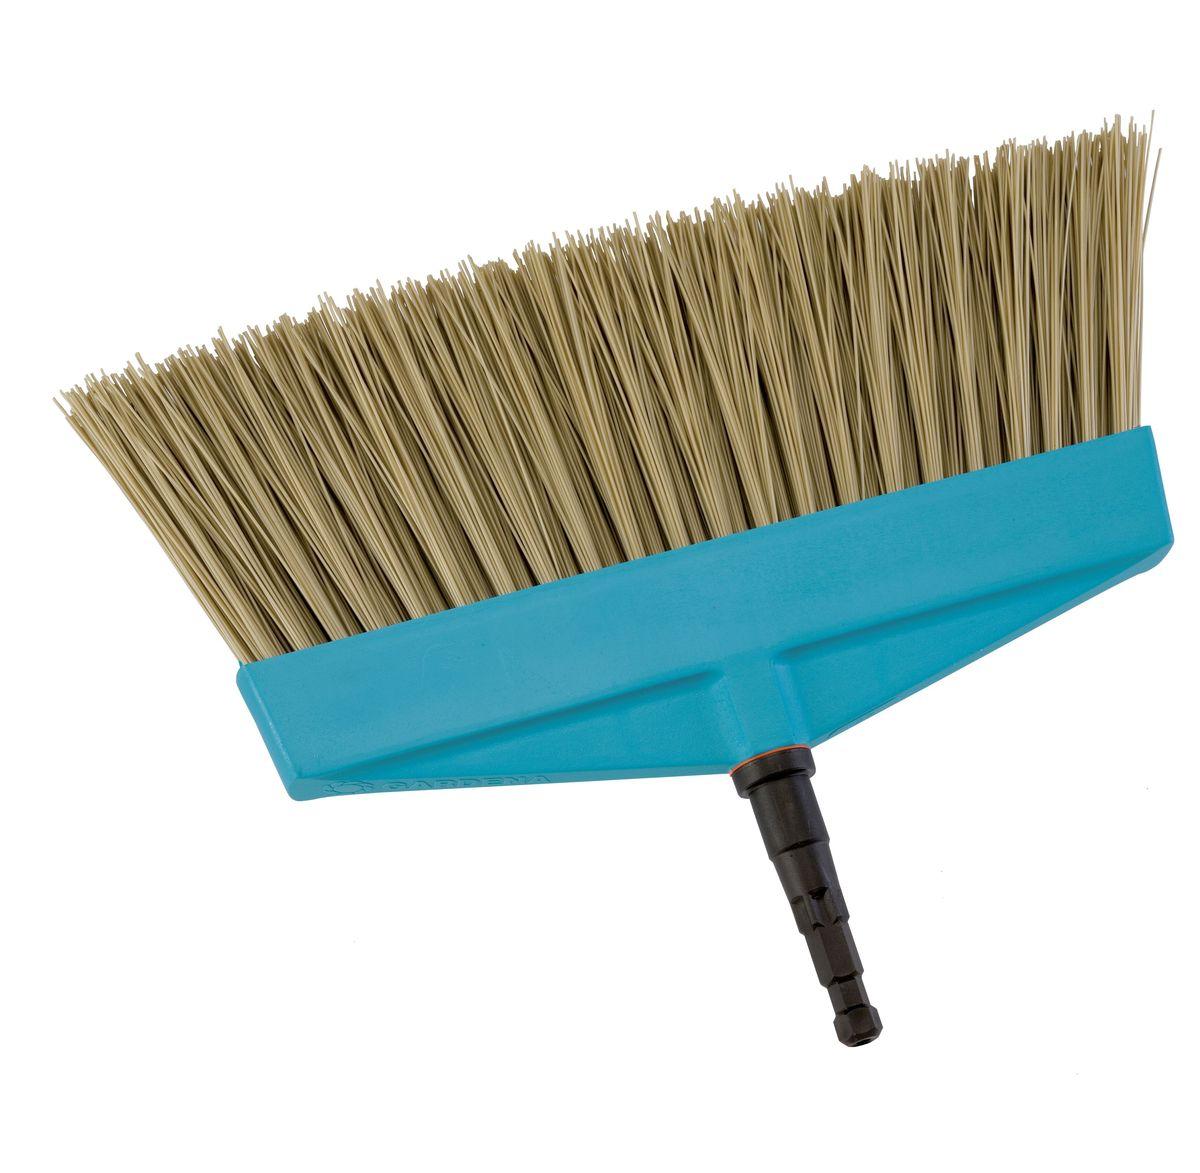 Щетка для террас Gardena03610-20.000.00Для уборки террас и маленьких двориков. Прочная и гибкая полипропиленовая щетина и высококачественный пластиковый корпус. Рабочая ширина: 32 см. Рекомендуемая длина ручки: 130 см.